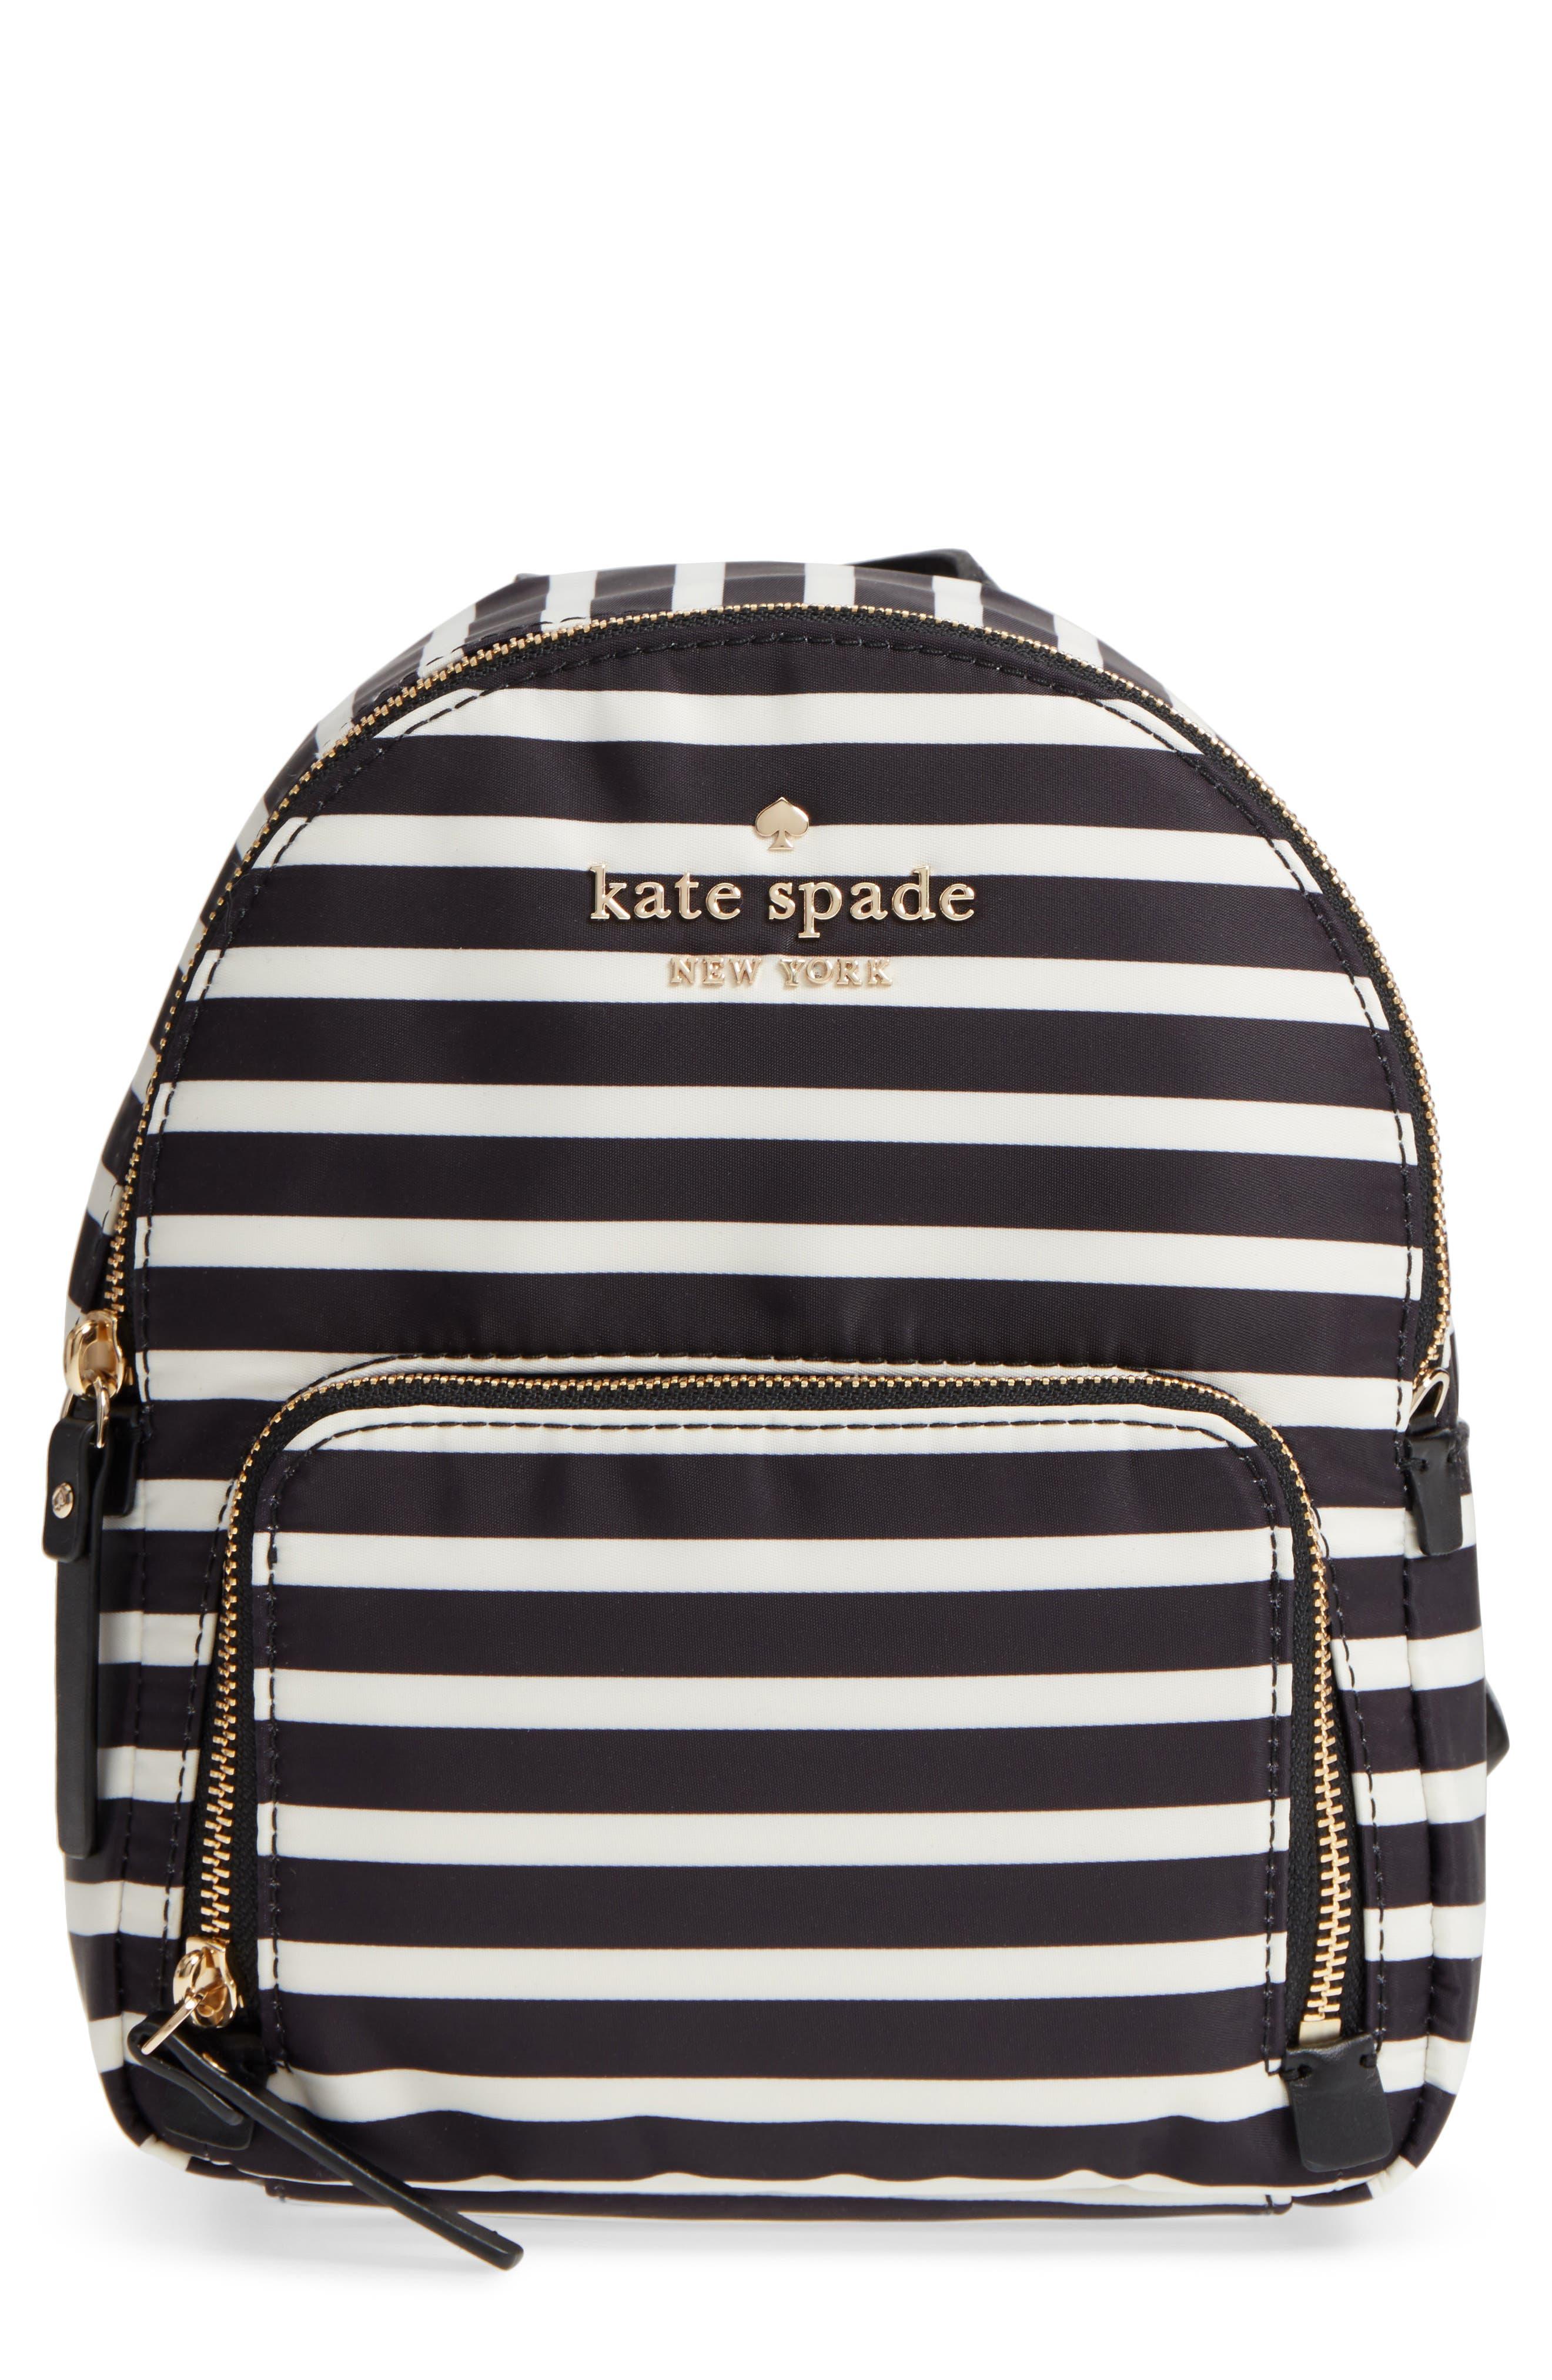 watson lane - small hartley nylon backpack,                             Main thumbnail 1, color,                             001